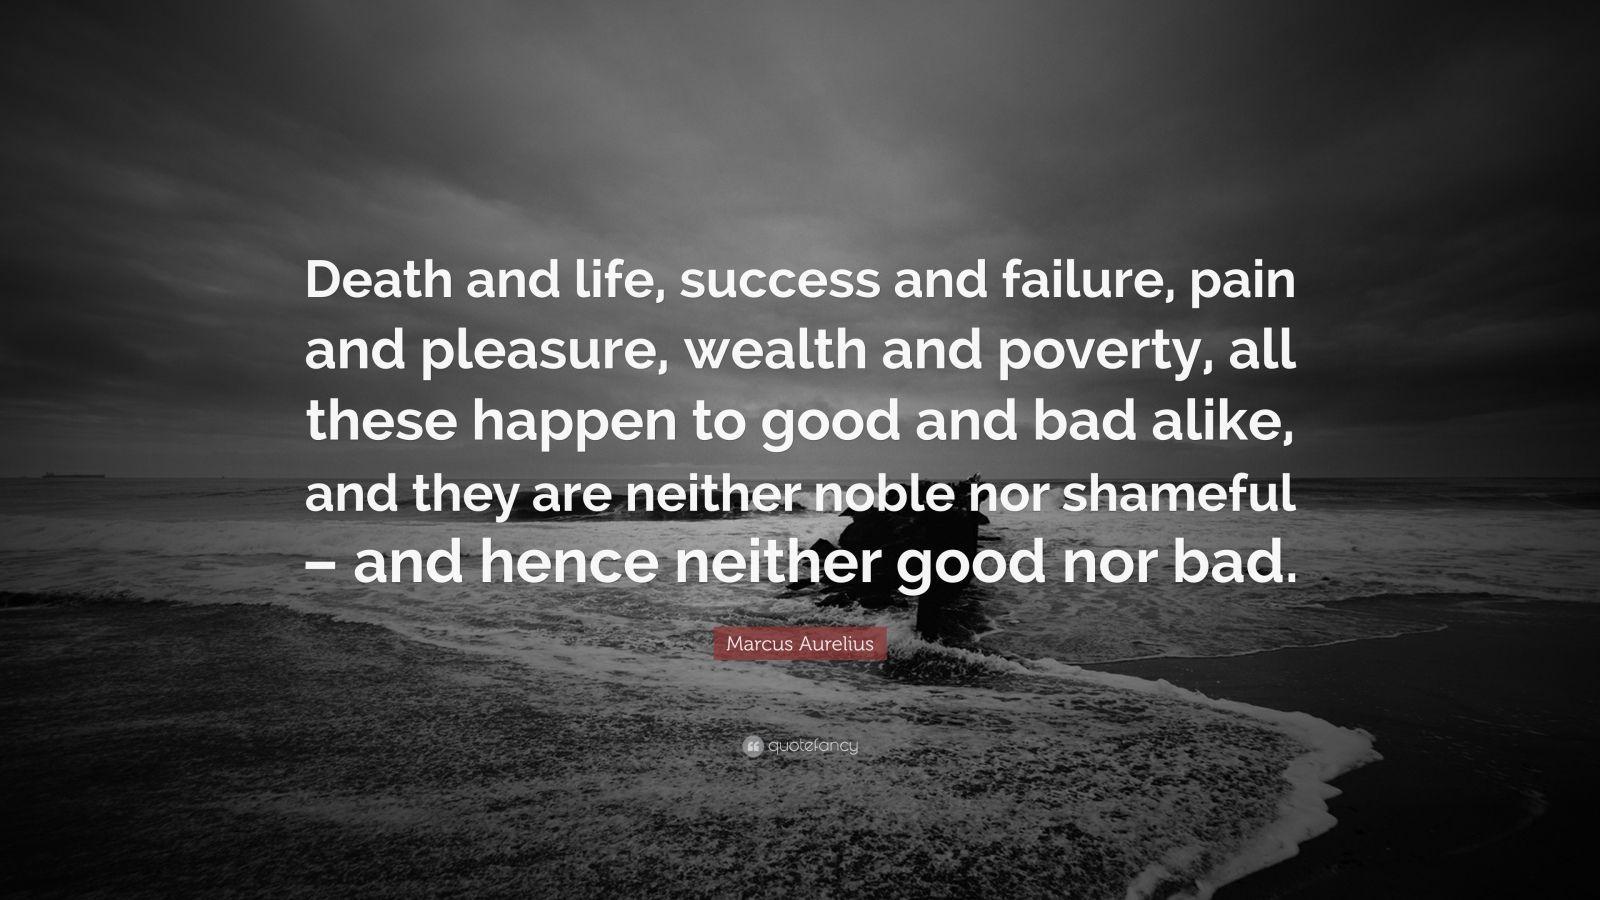 Dalai Lama Quotes Desktop Wallpaper Marcus Aurelius Quote Death And Life Success And